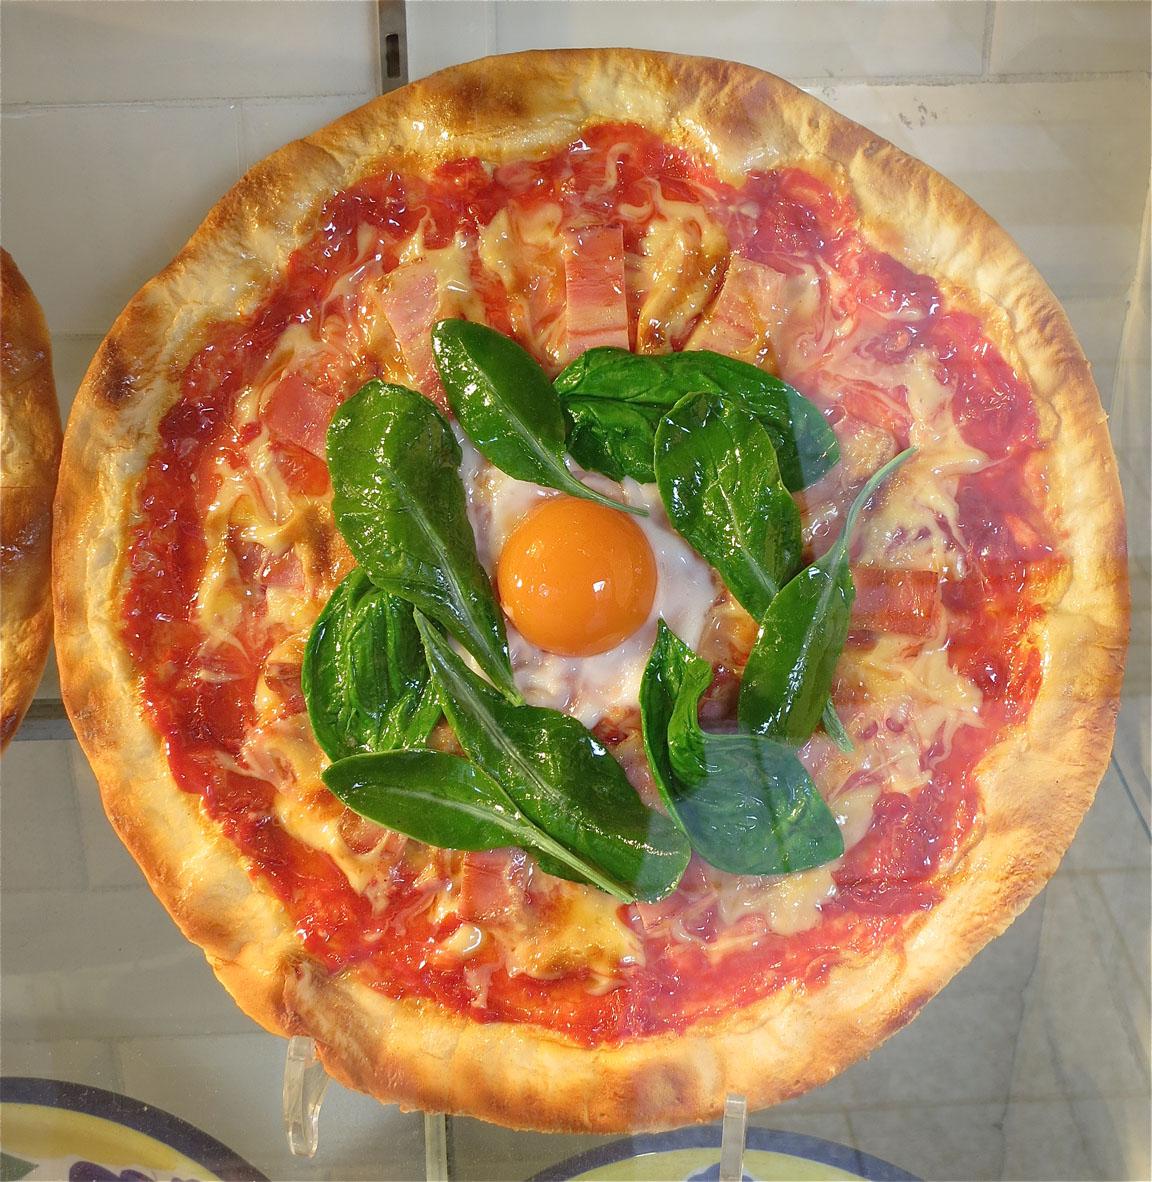 PizzaEgg